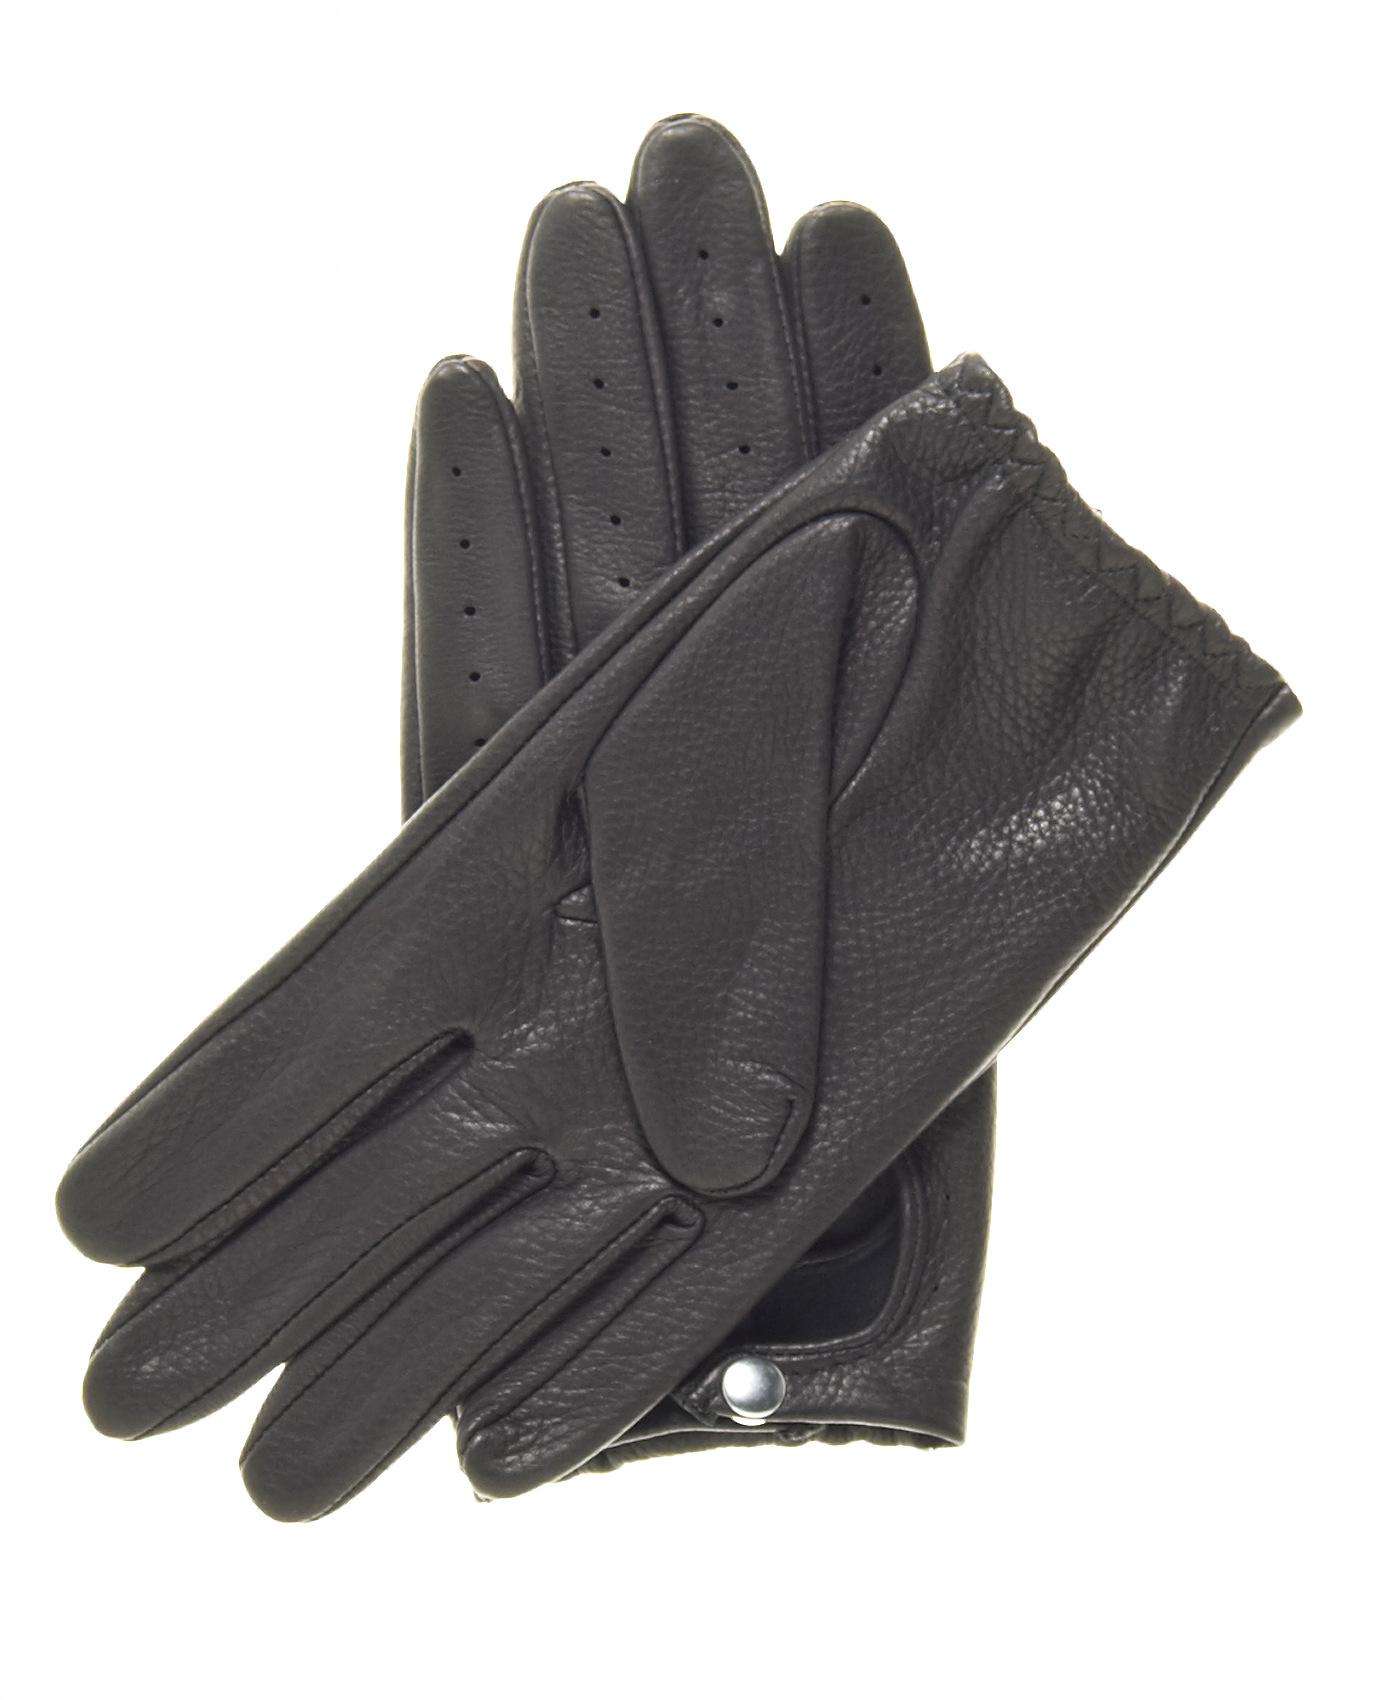 Driving gloves at walmart - Driving Gloves At Walmart 4